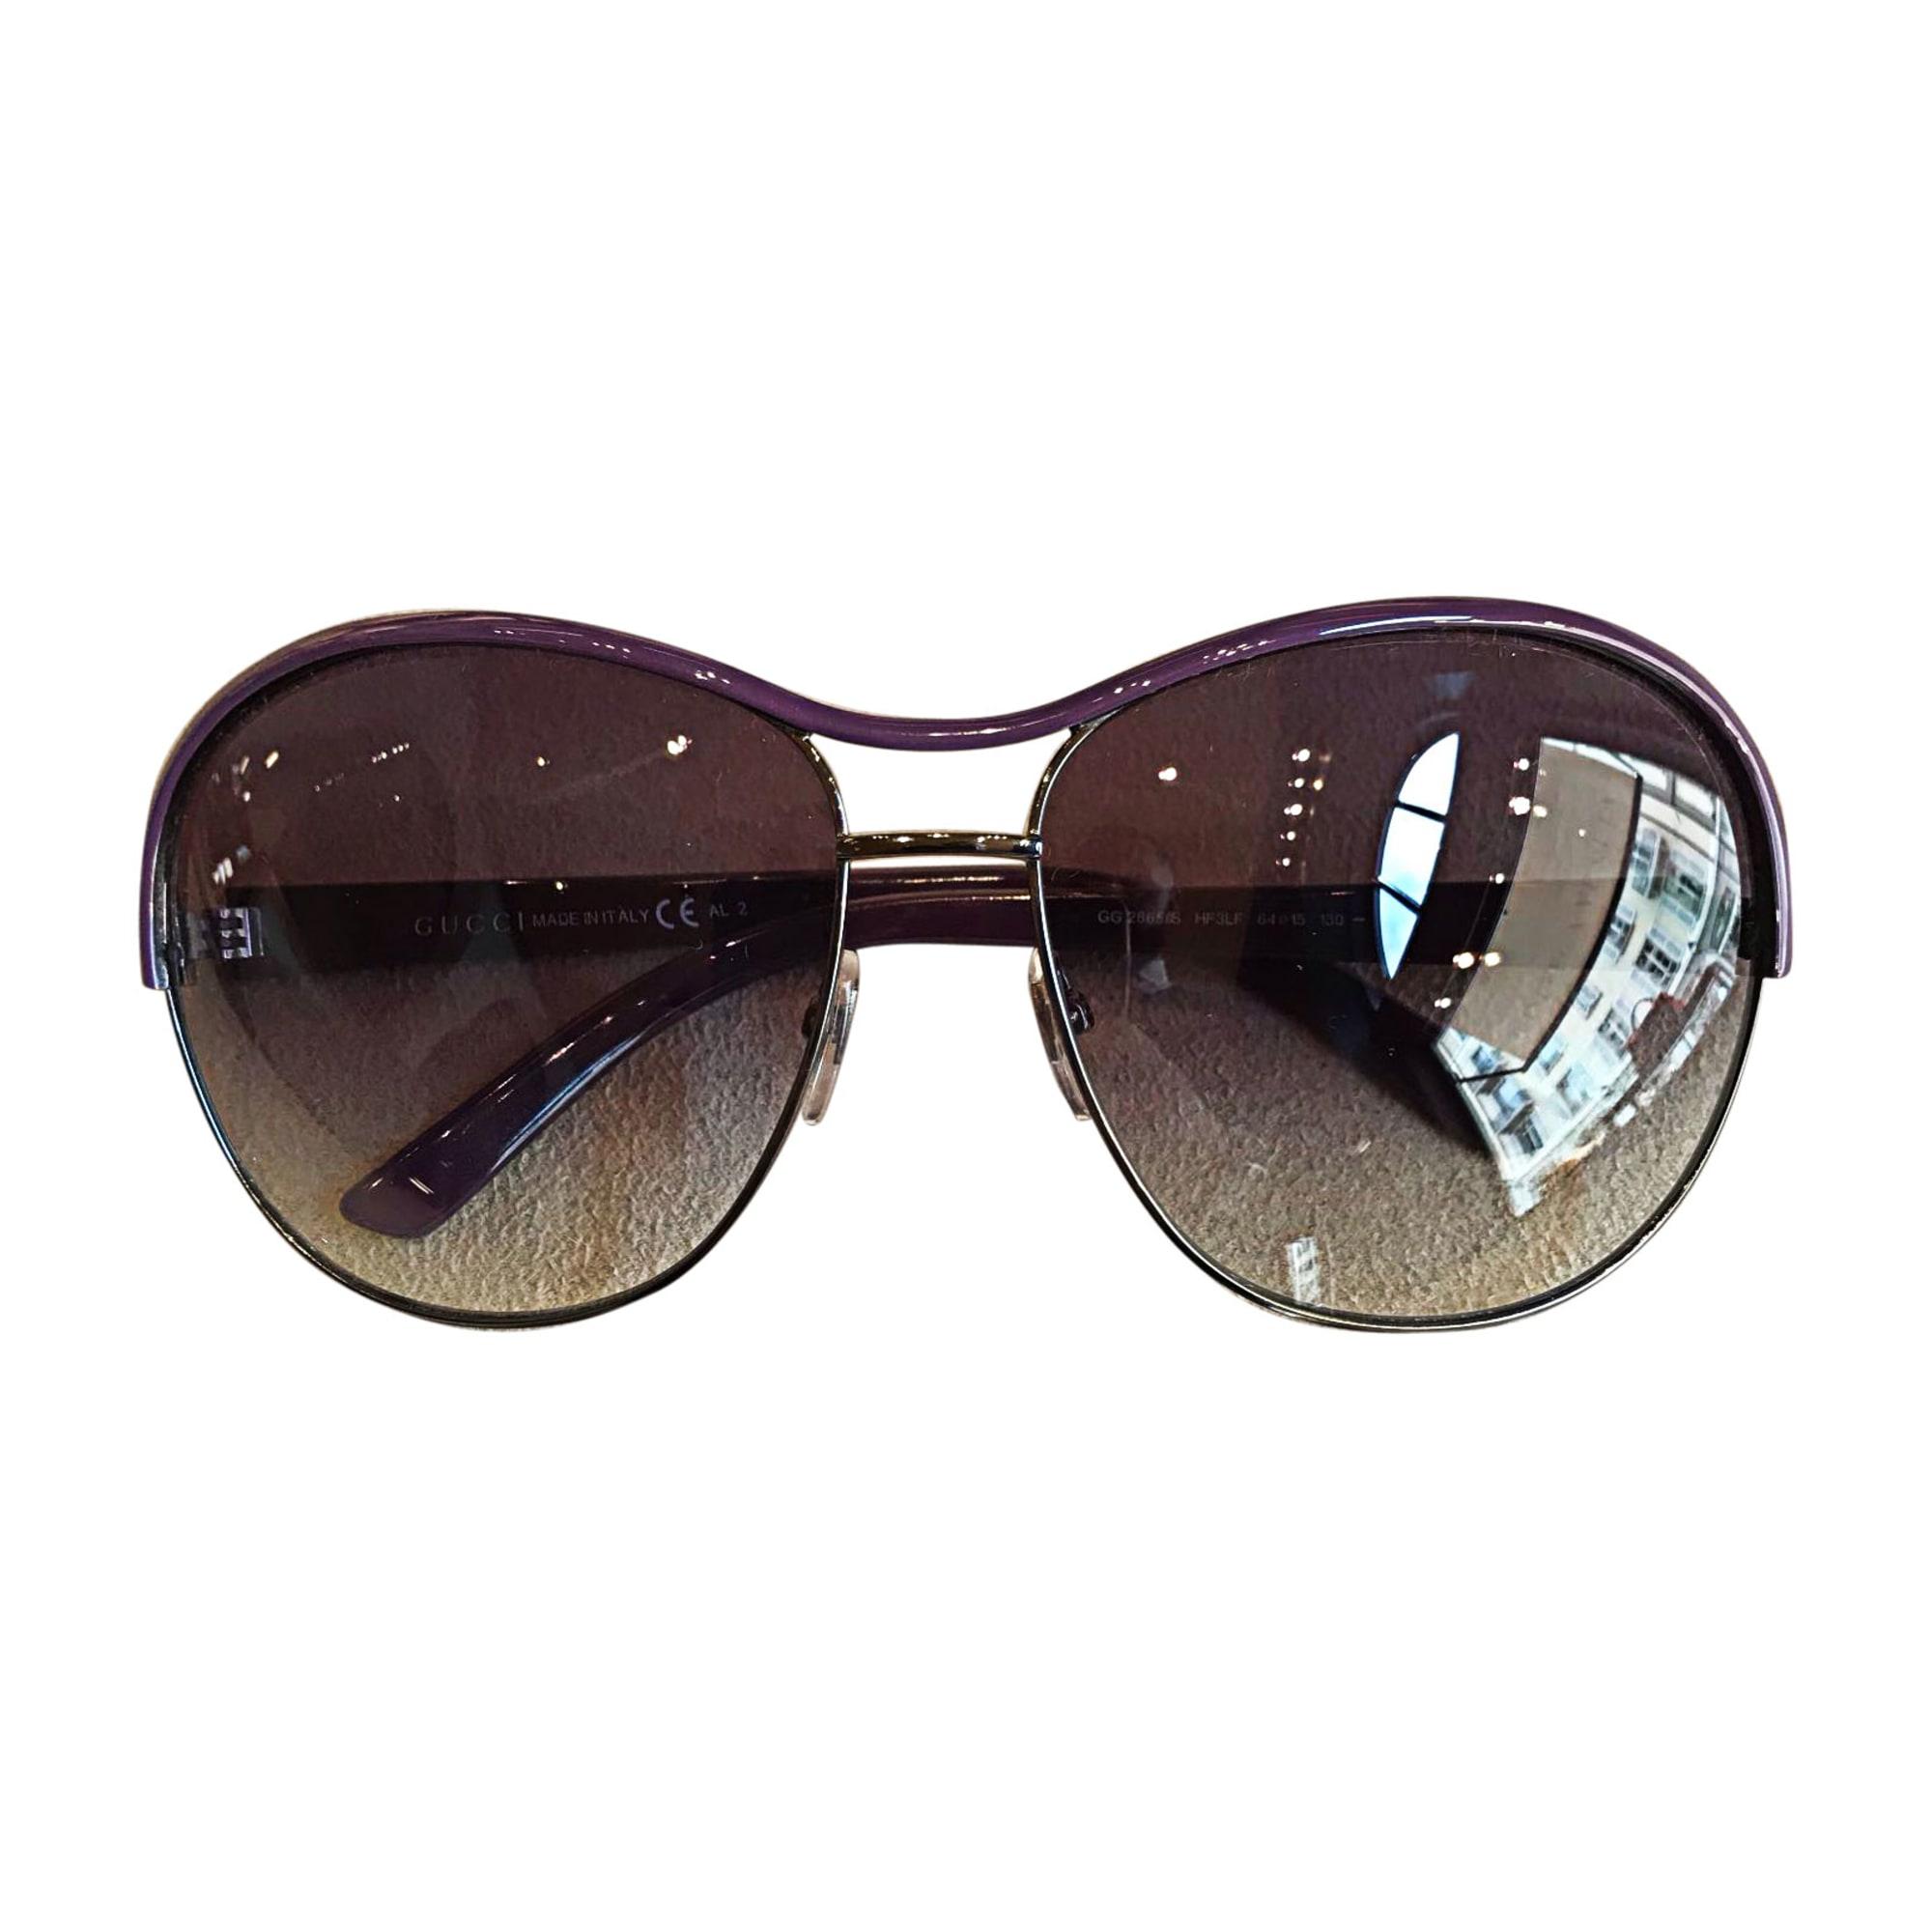 Sonnenbrille GUCCI Violett, malvenfarben, lavendelfarben